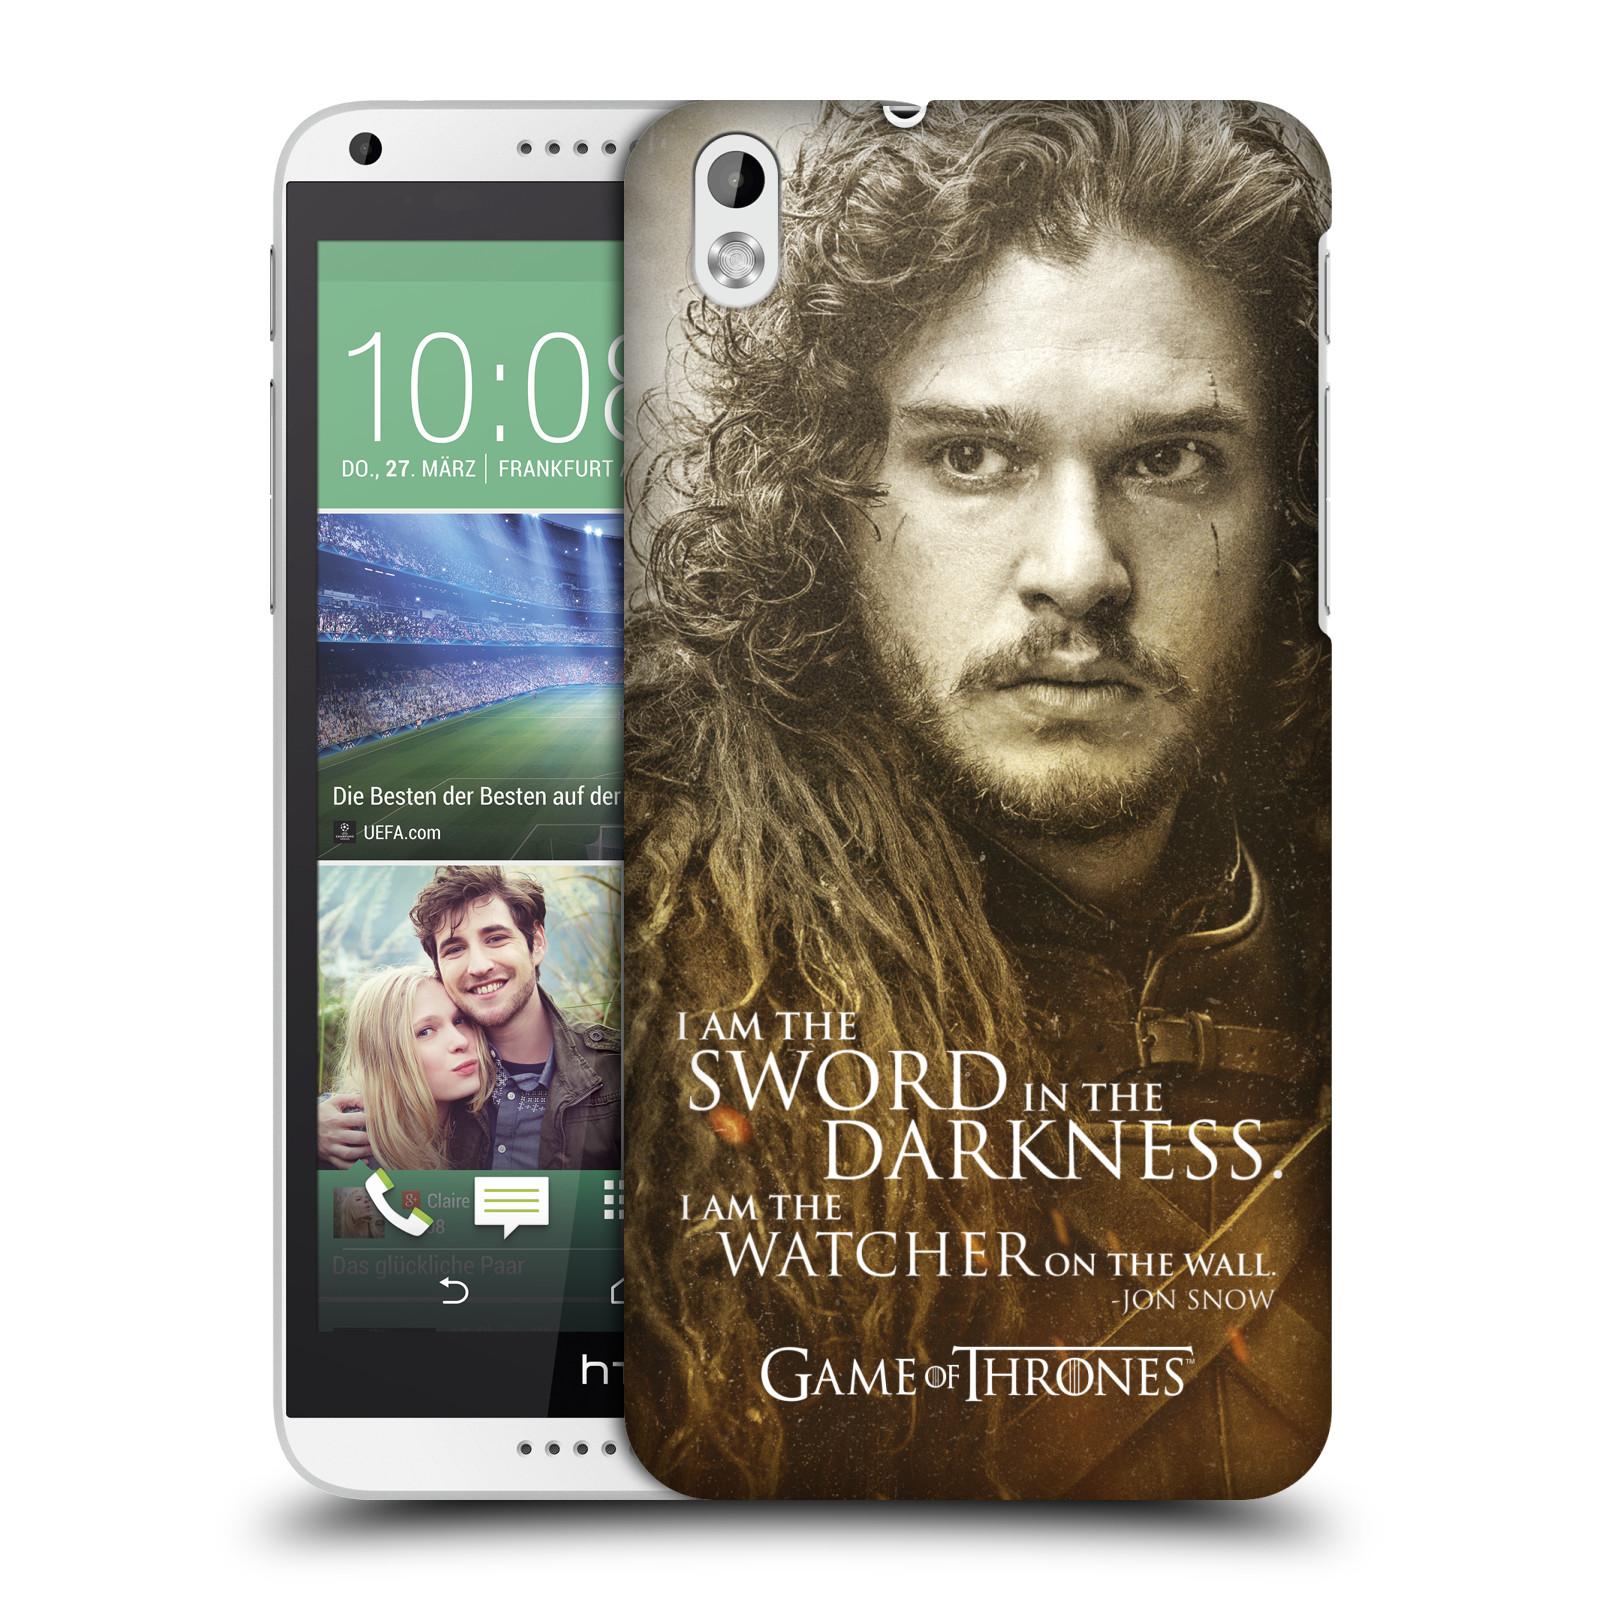 Plastové pouzdro na mobil HTC Desire 816 HEAD CASE Hra o trůny - Jon Snow (Plastový kryt či obal na mobilní telefon s licencovaným motivem Hra o trůny - Game Of Thrones pro HTC Desire 816)